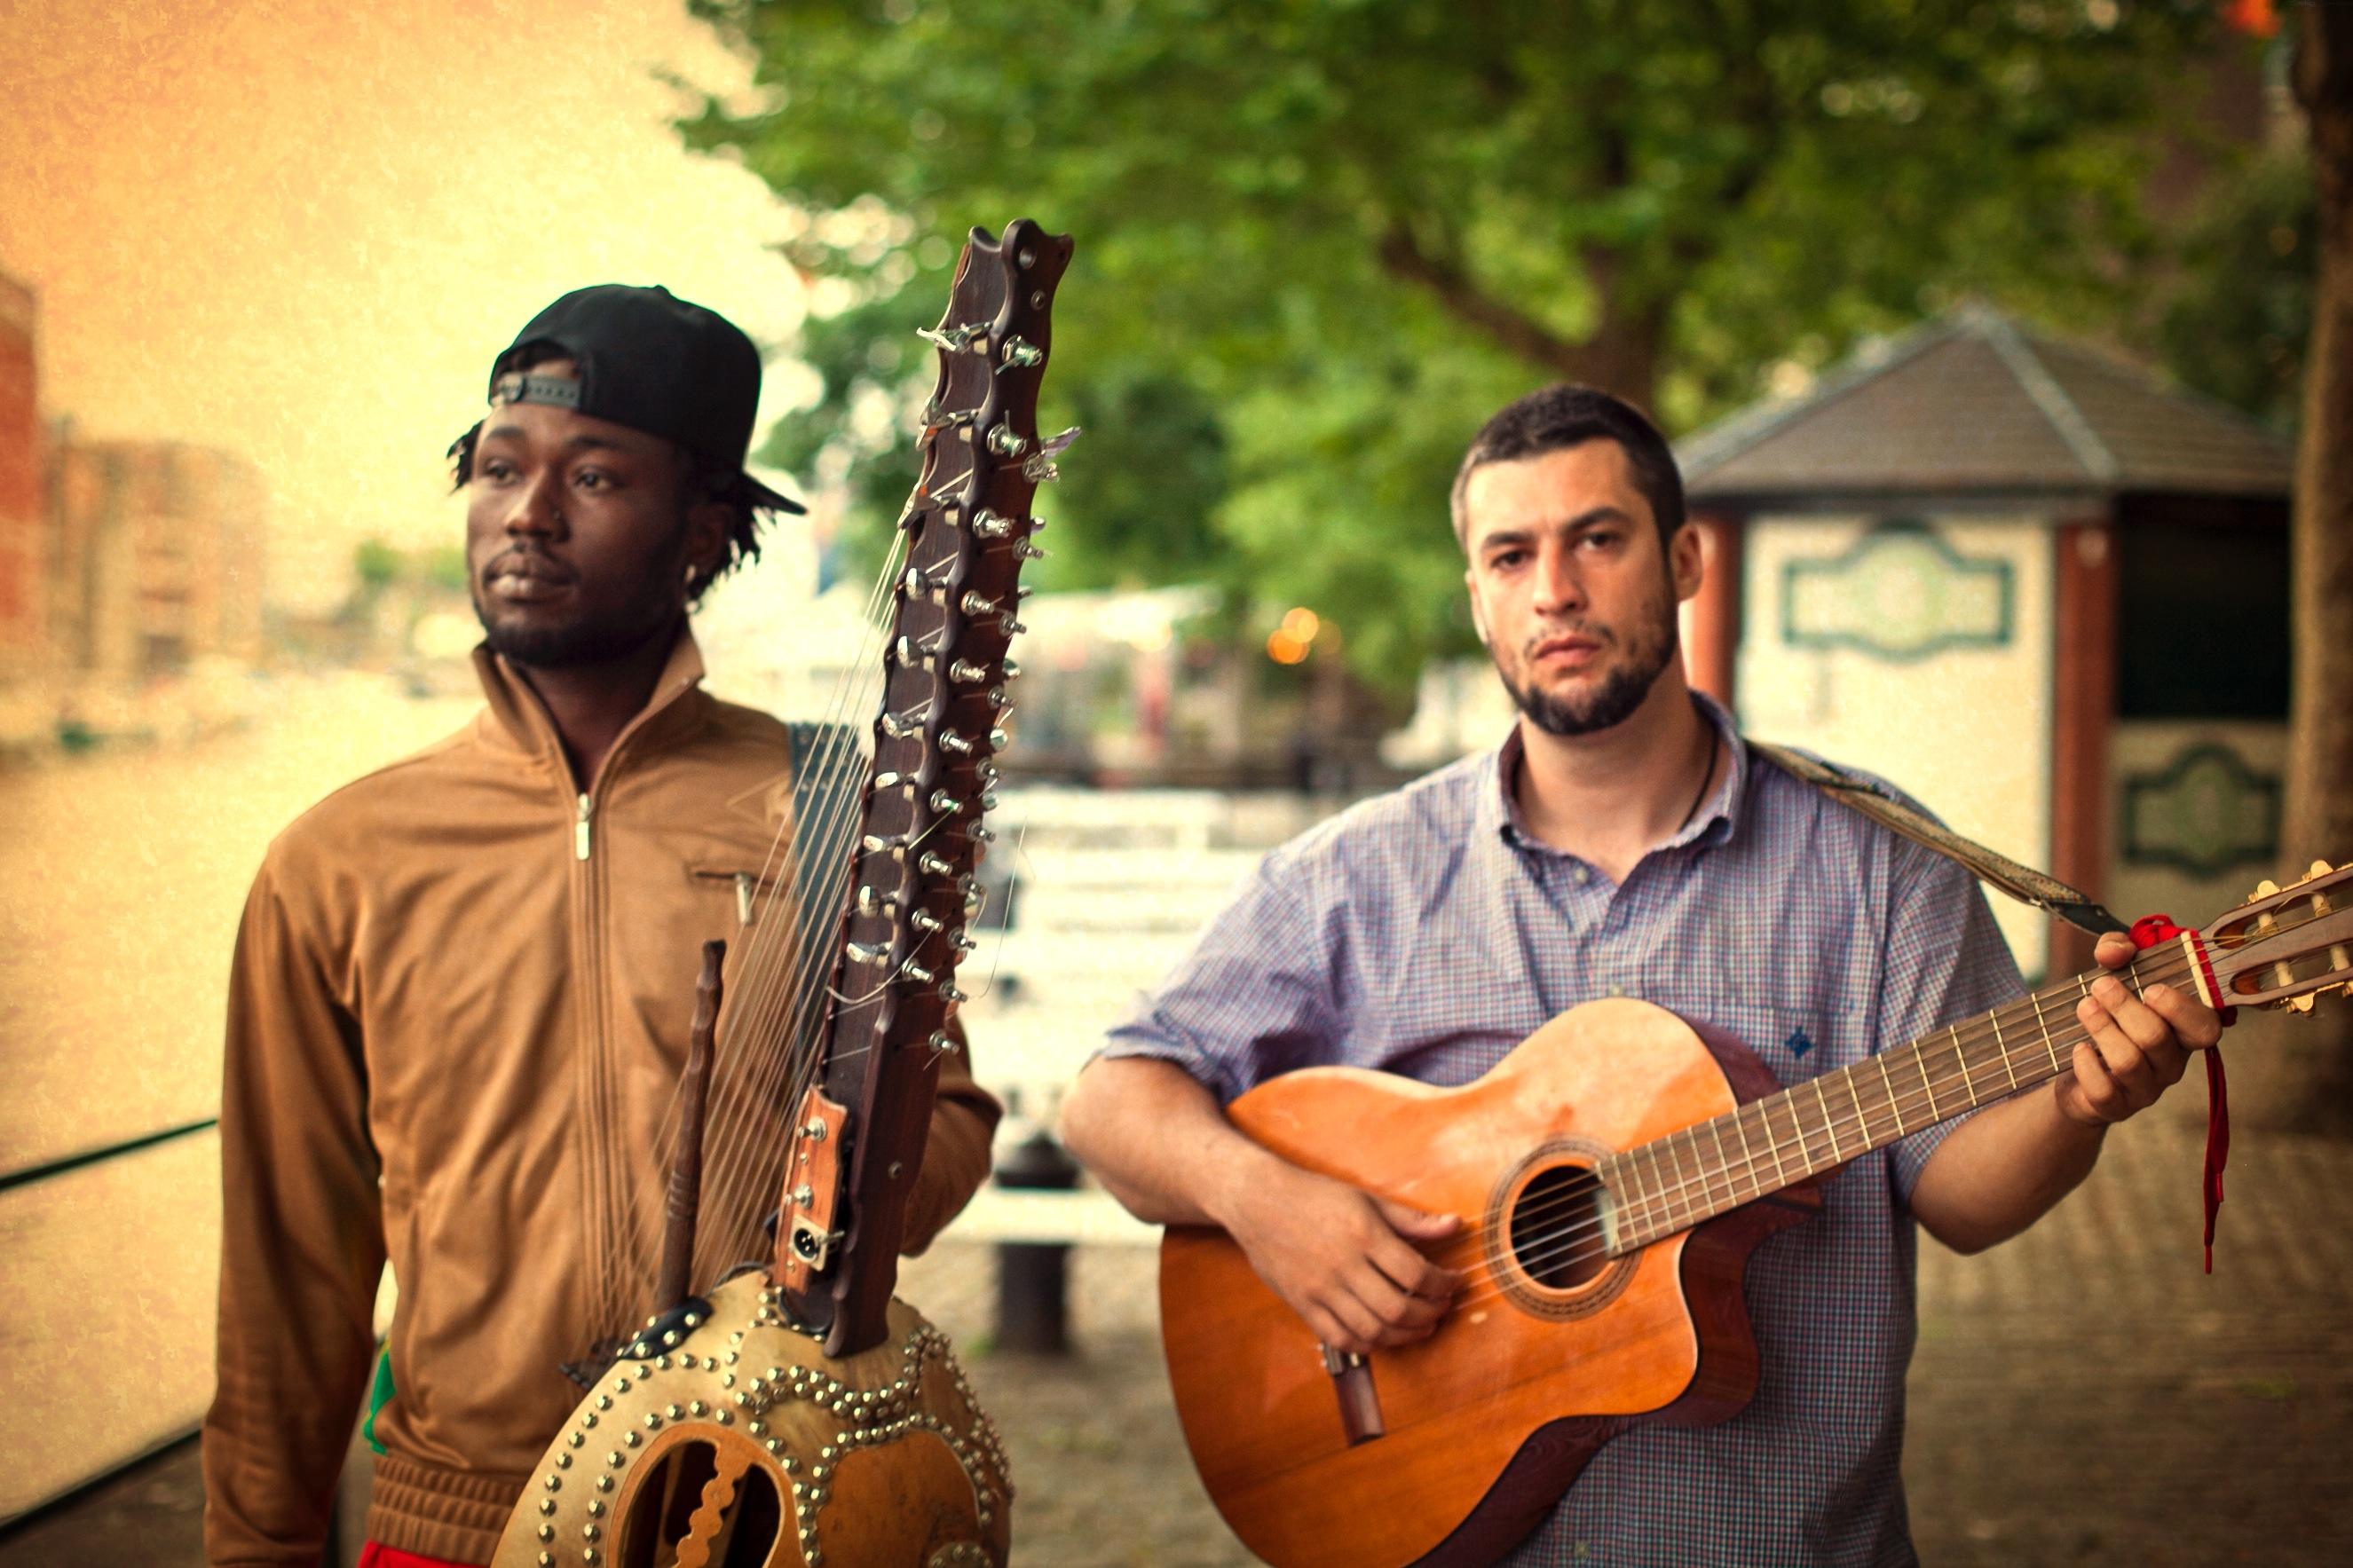 Sekou Kouyate & Joe Driscoll (photo: Alex Munro)